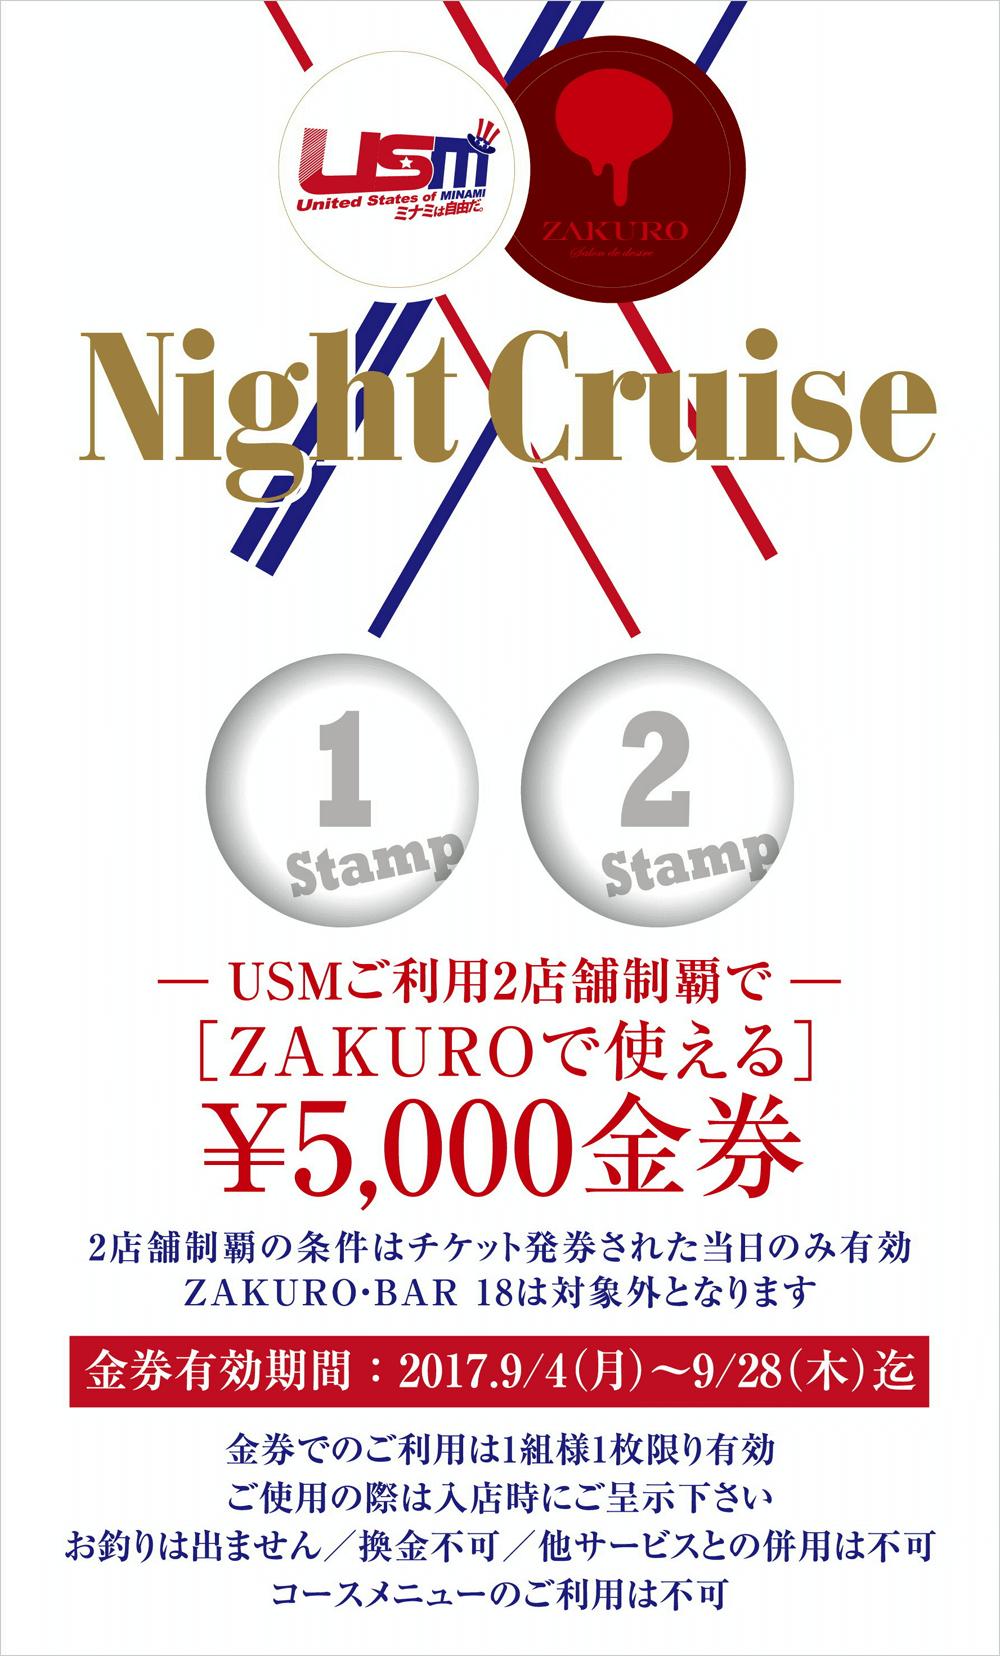 USMご利用2店舗制覇で「ZAKUROで使える」¥5,000金券